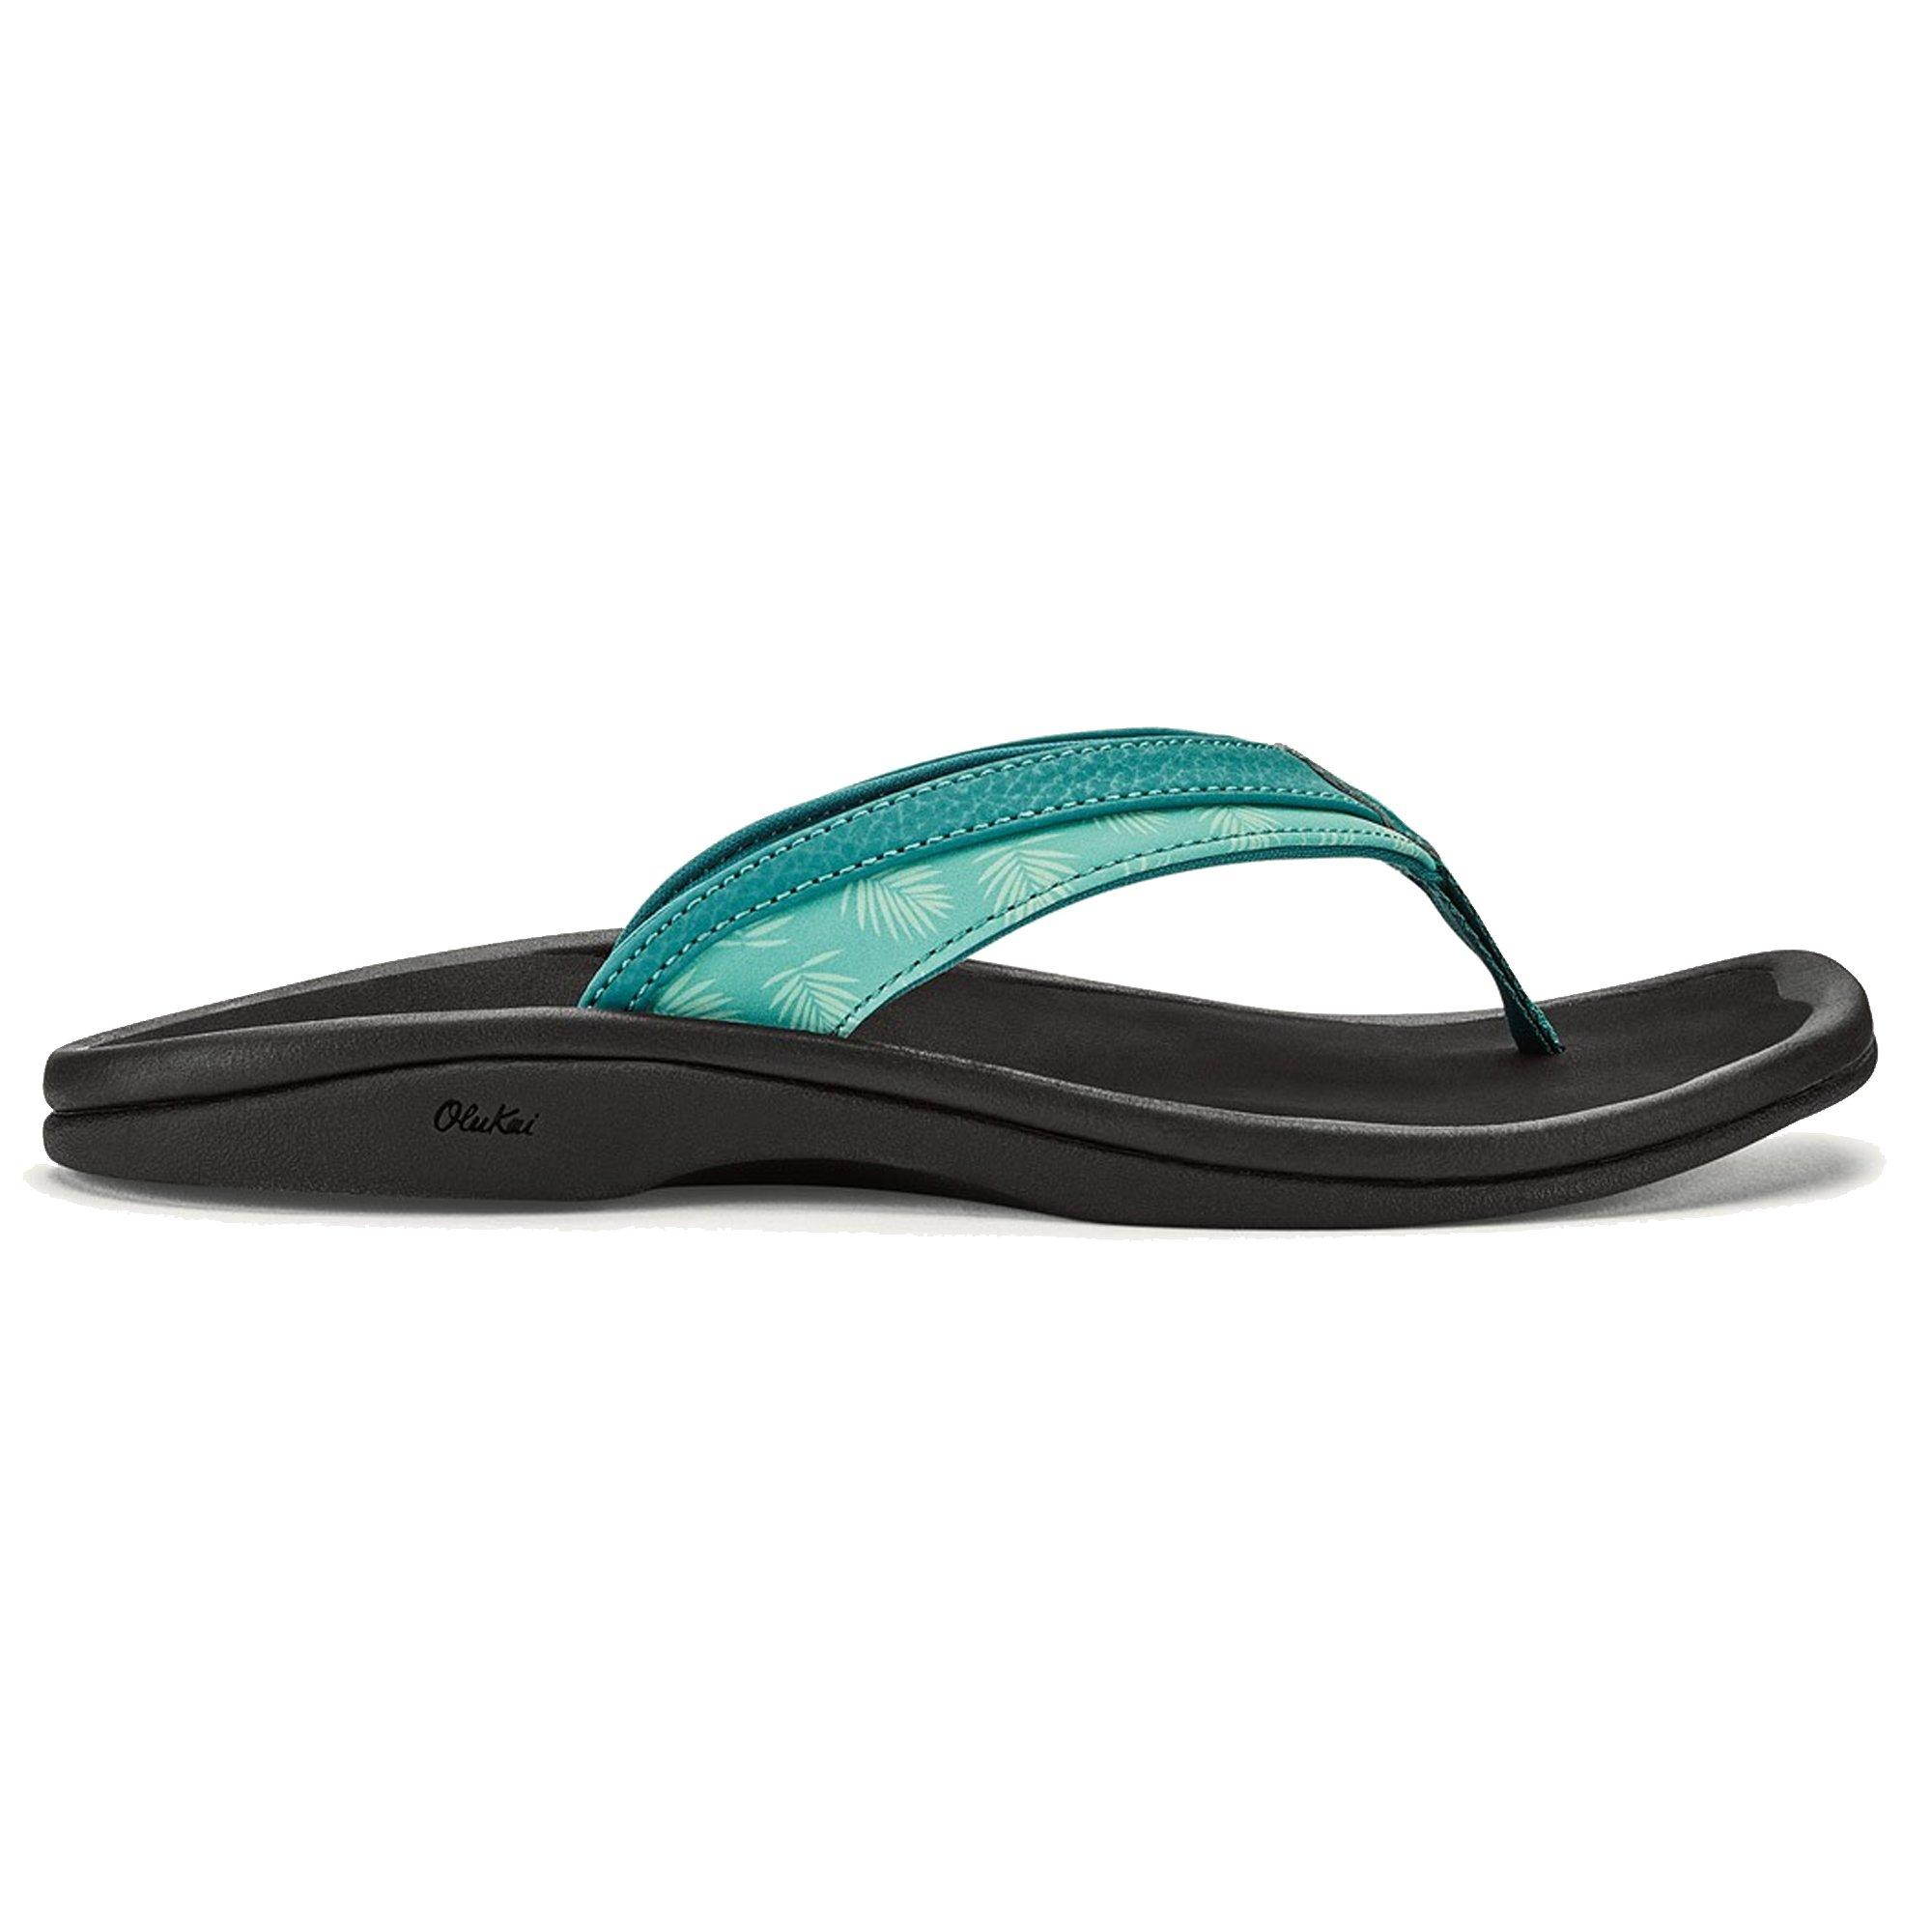 OLUKAI Women's Ohana Sandal, Paradise/Black, 7 M US